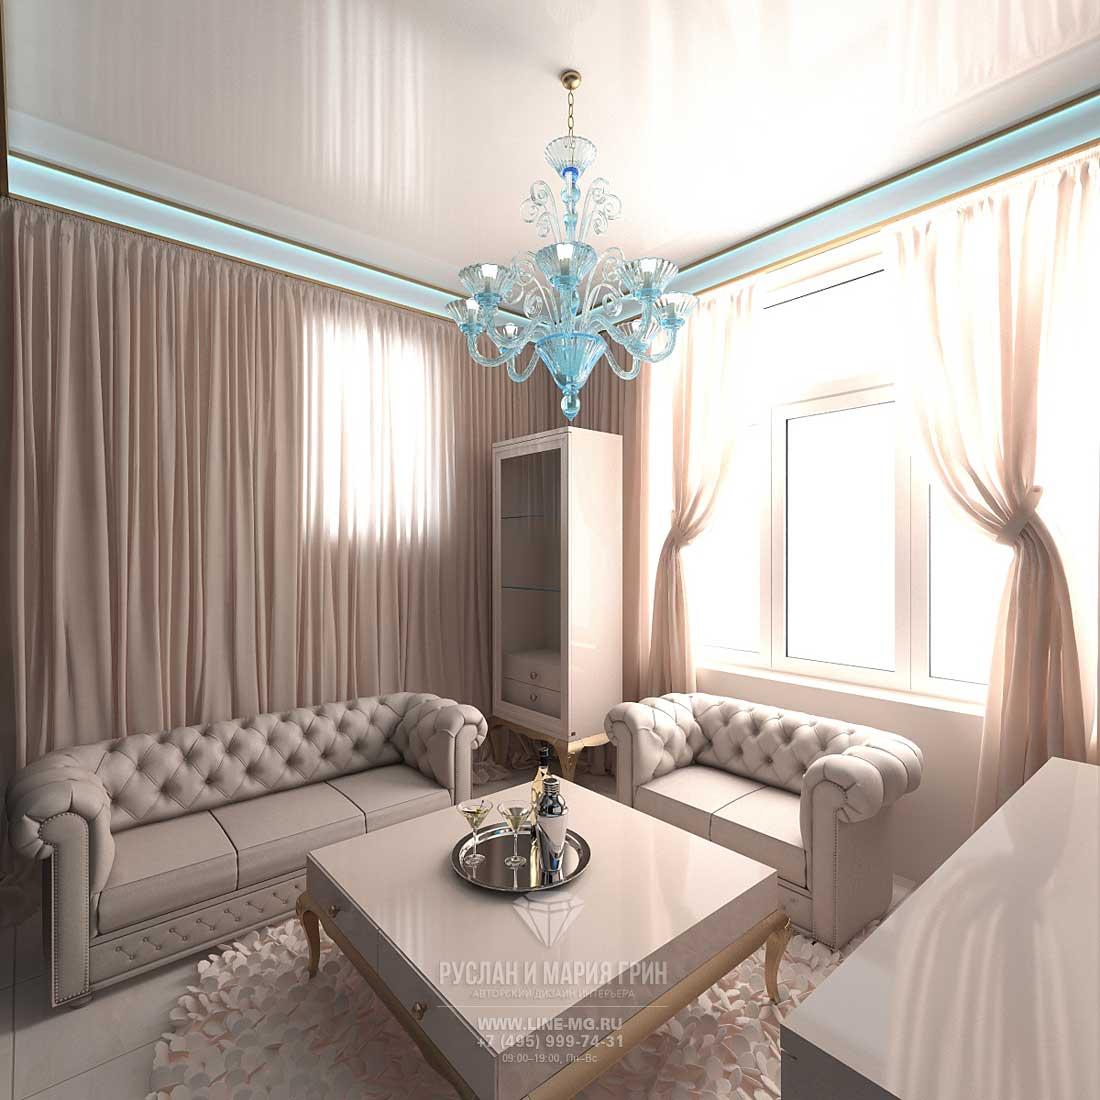 Фото интерьера комнаты отдыха в доме с мансардой